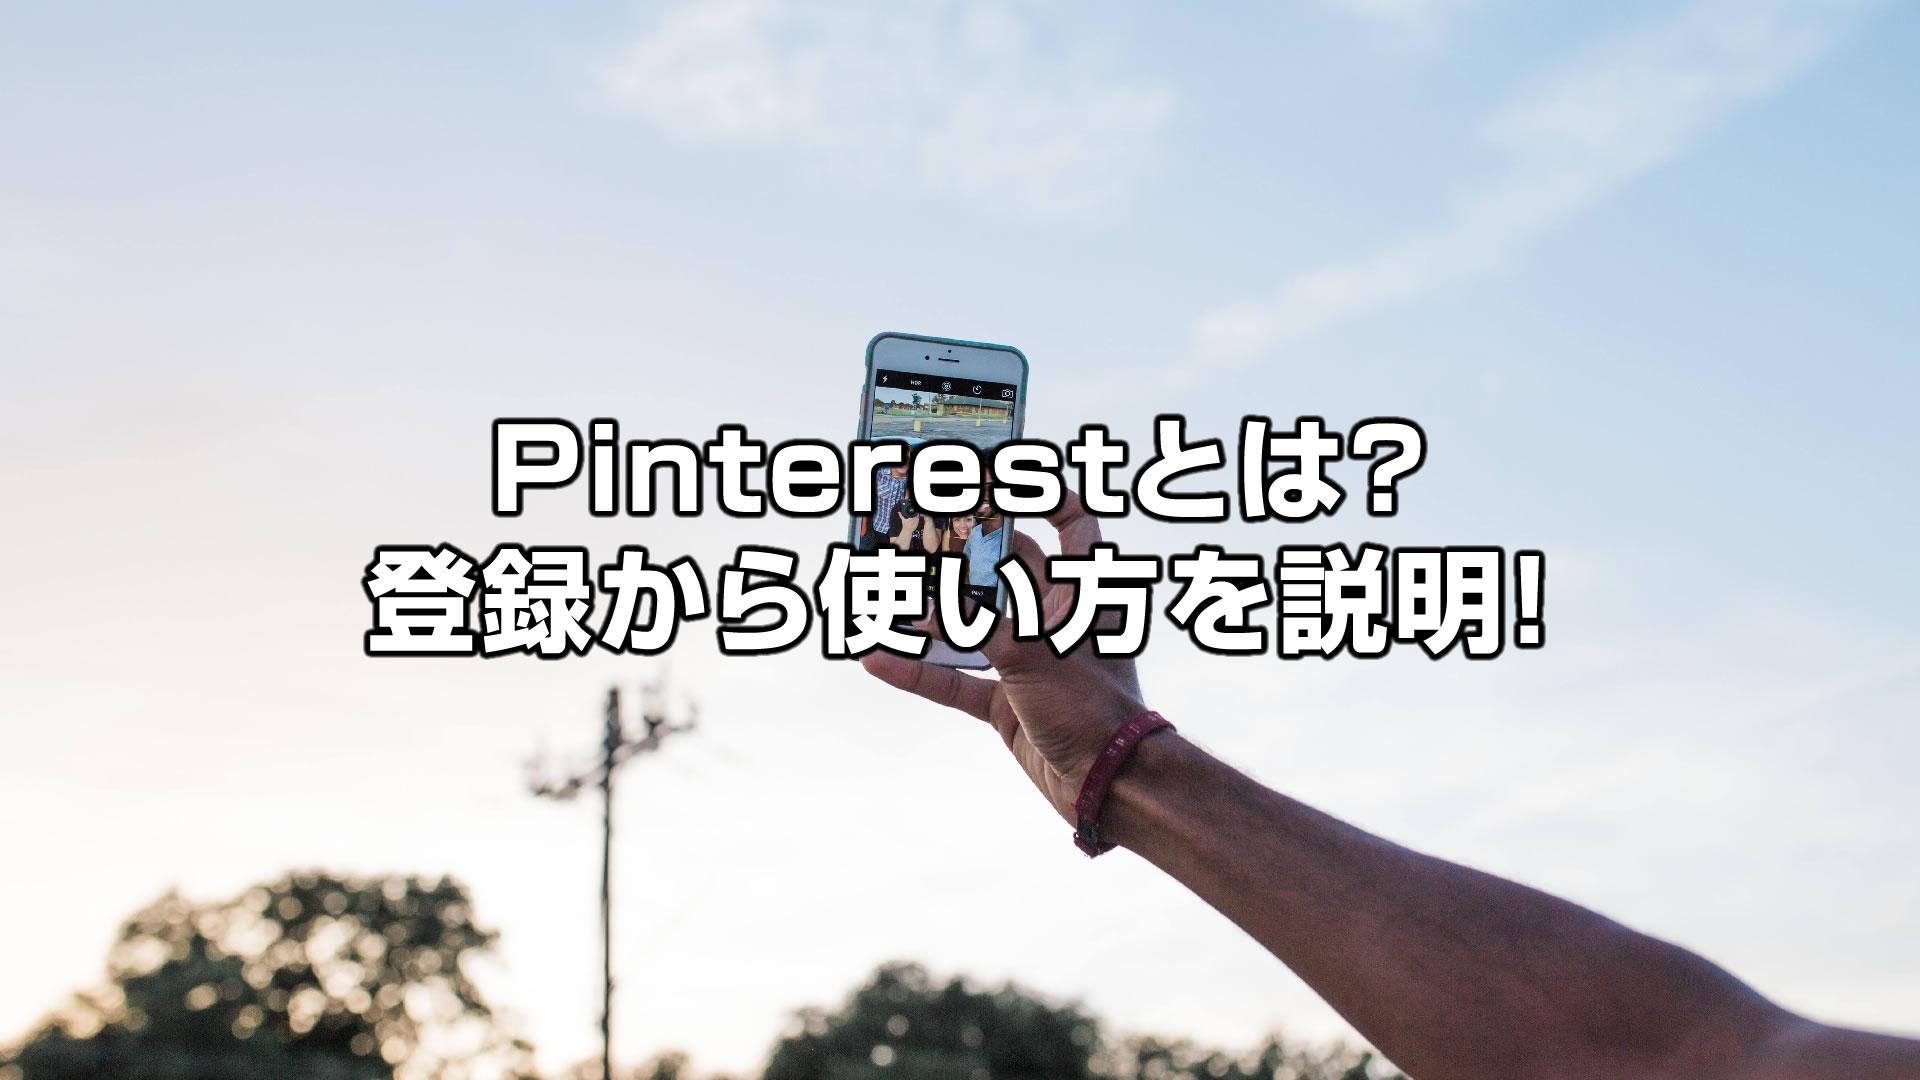 Pinterestとは?登録から使い方を説明!画像保存・アイデアの新発想にも役立つ